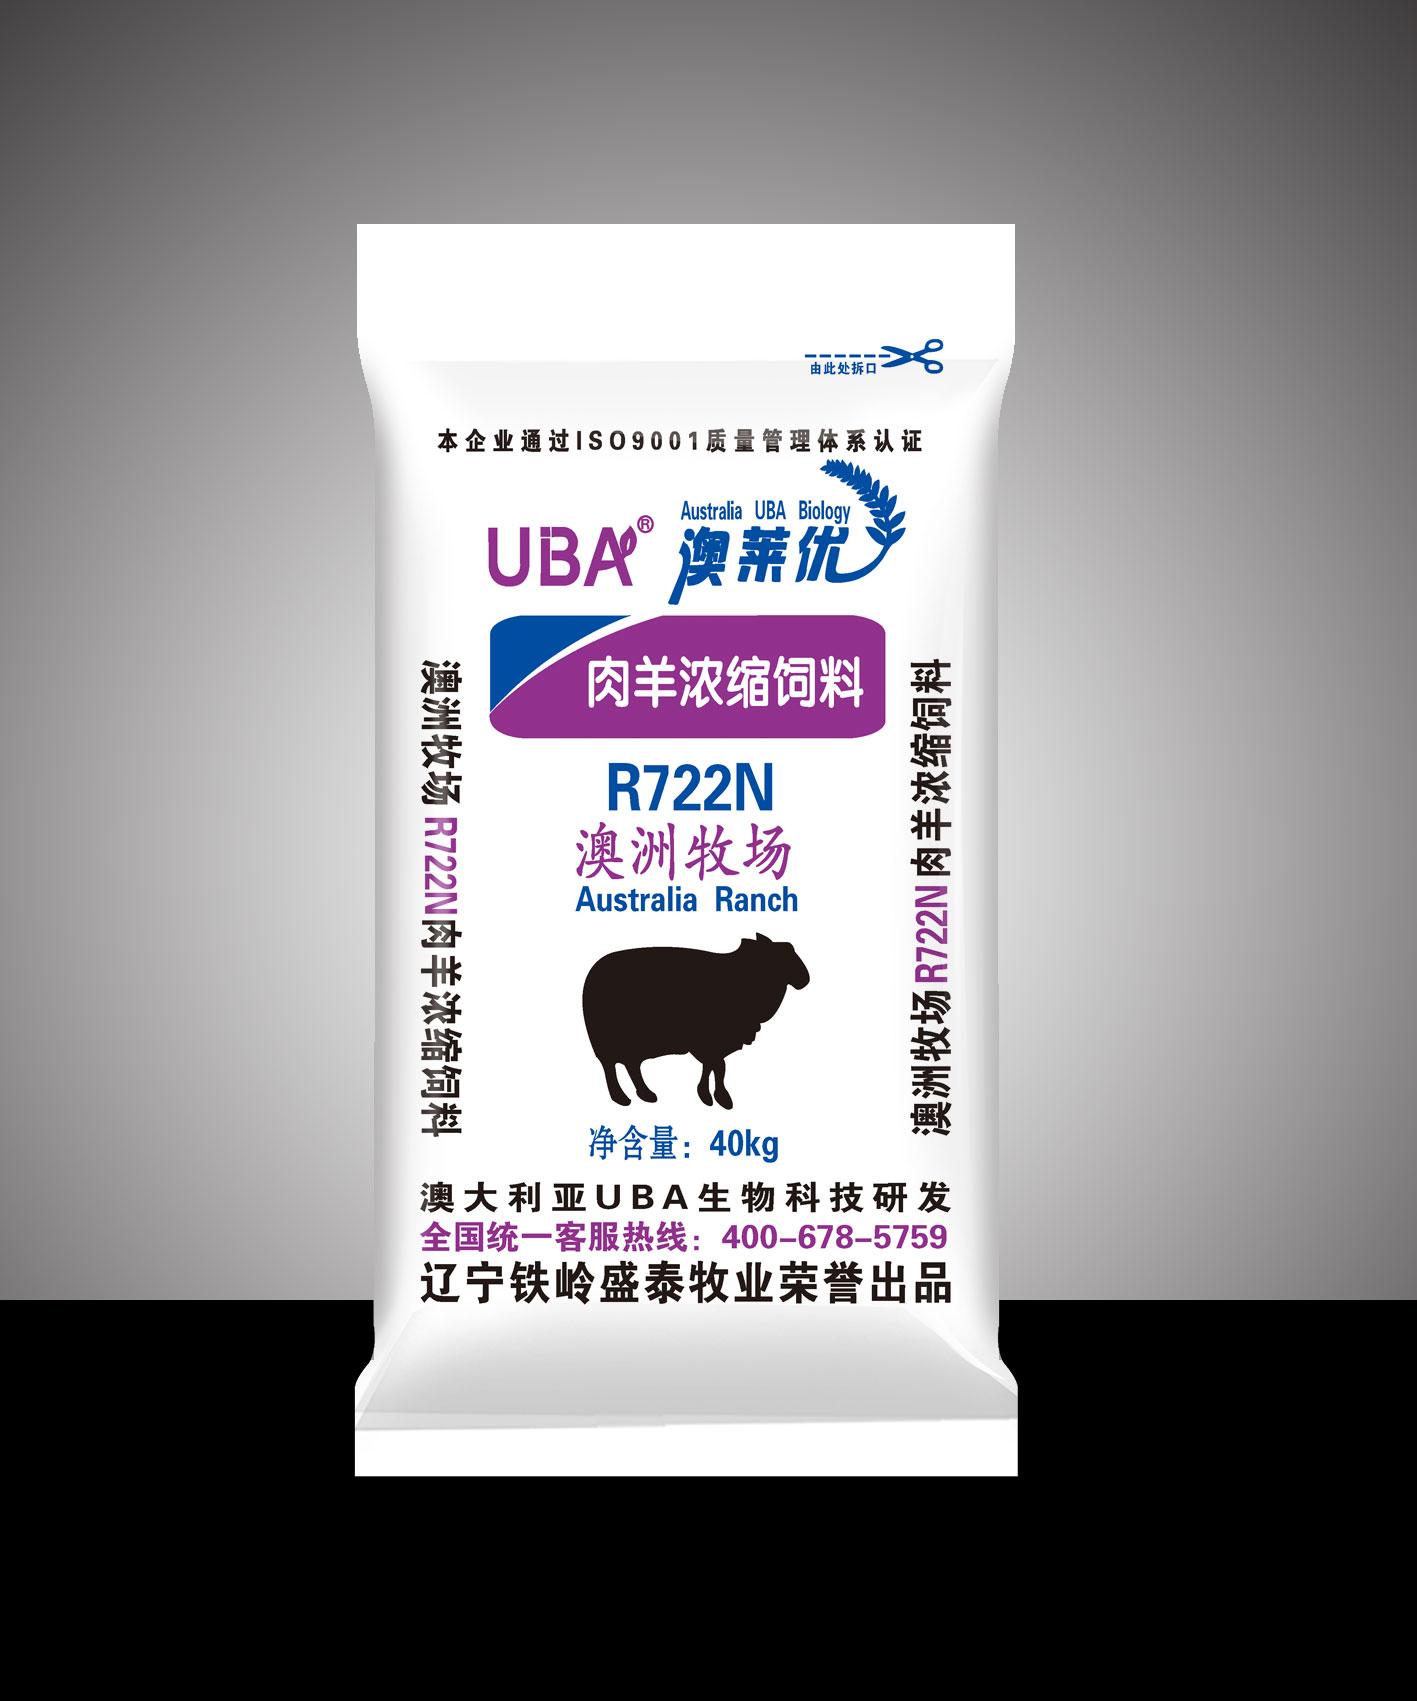 肉羊12bet手机版12博客户端R722N